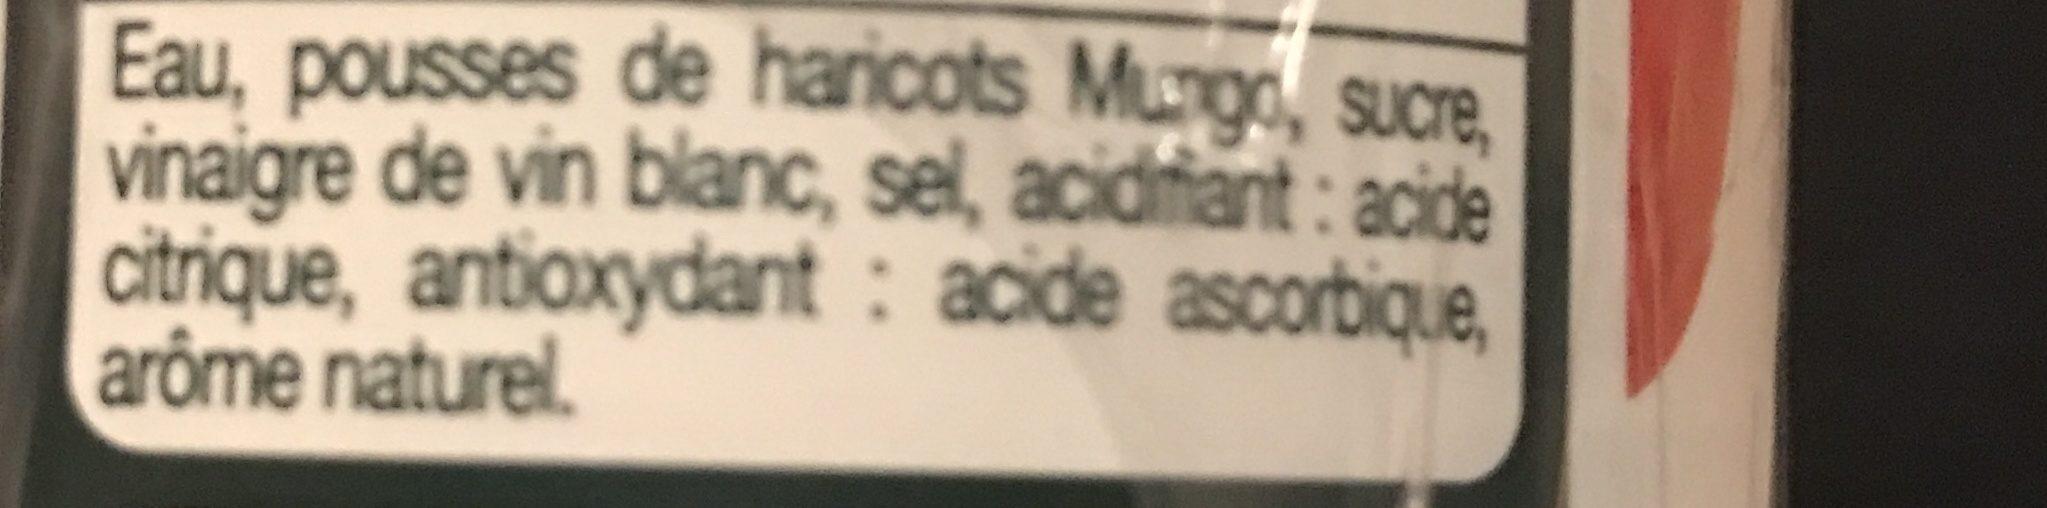 Pousses de haricots mungo - Ingrédients